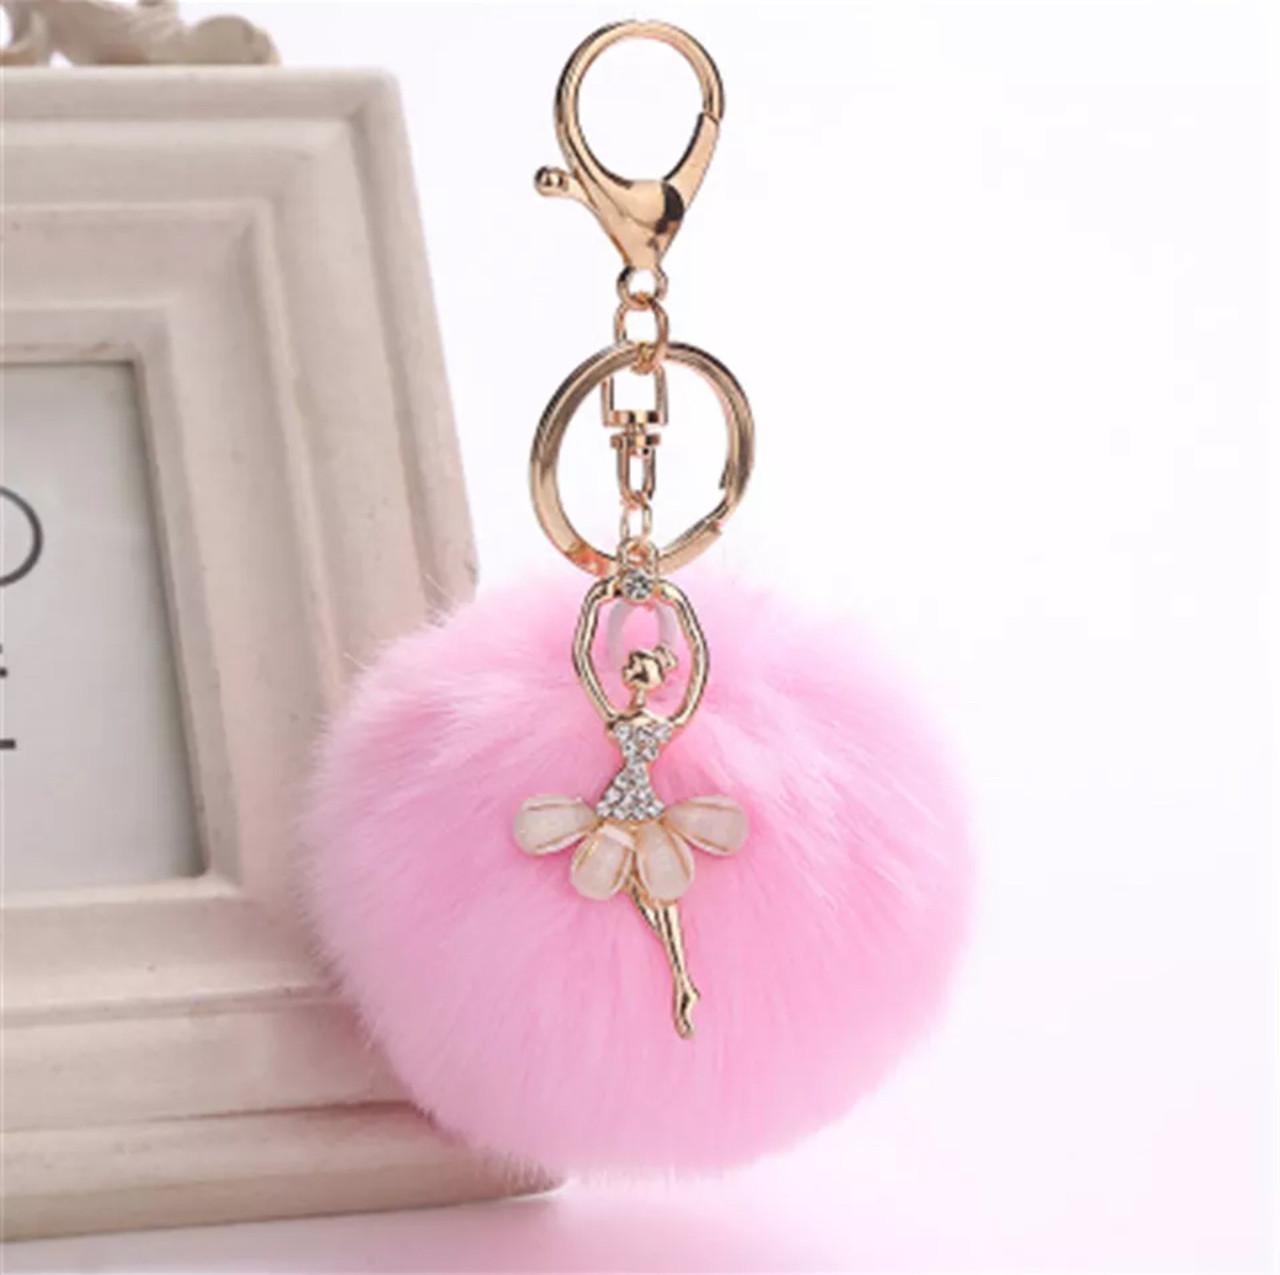 Милый брелок для ключей-помпон с балеринкой на сумку, пальто или ключи (розовый)